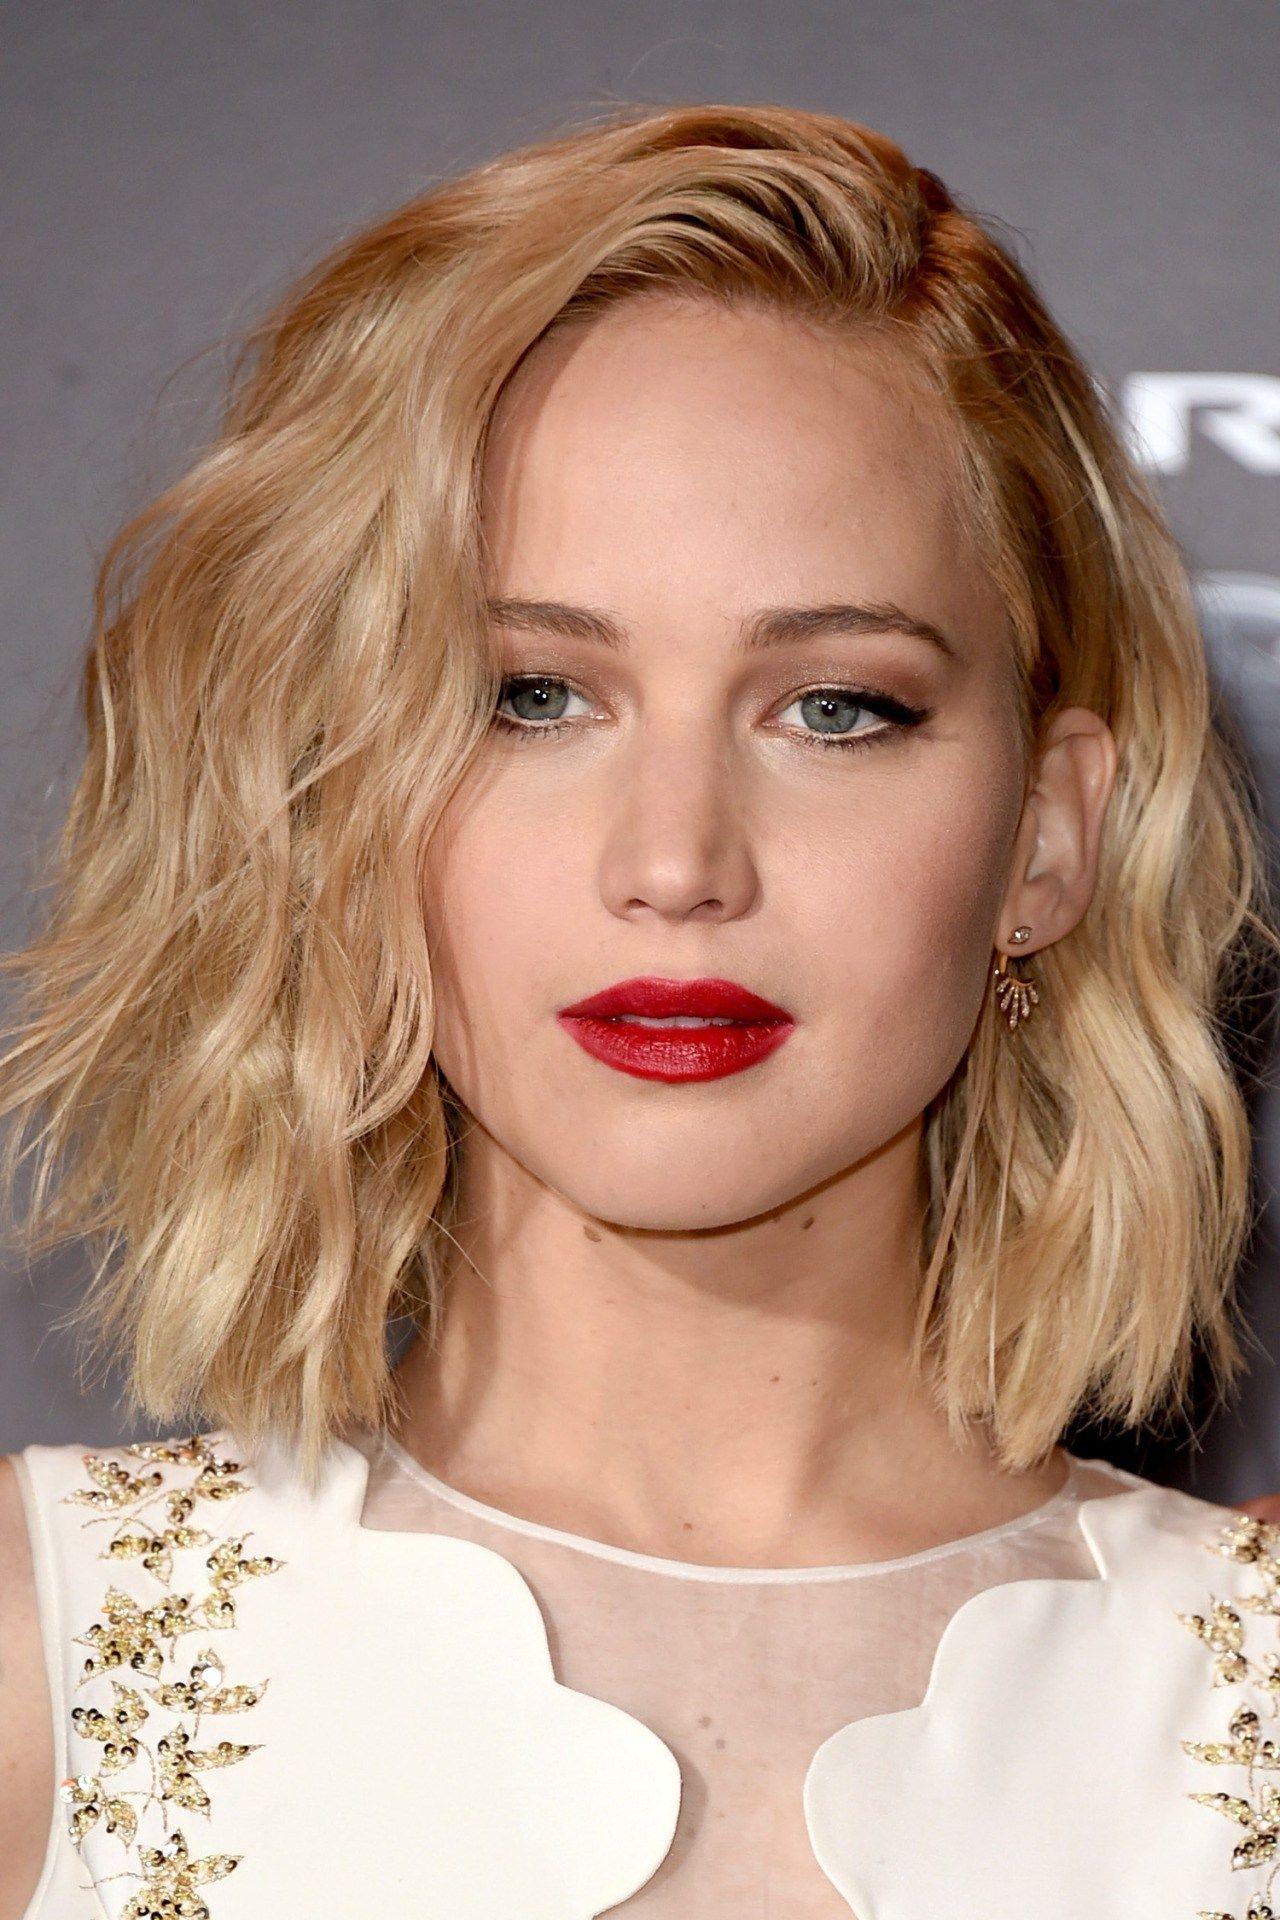 Elegante Lange Abgewinkelte Bob Frisuren Neu Frisuren 2018 Jennifer Lawrence Hair Short Hair Styles Long Bob Hairstyles